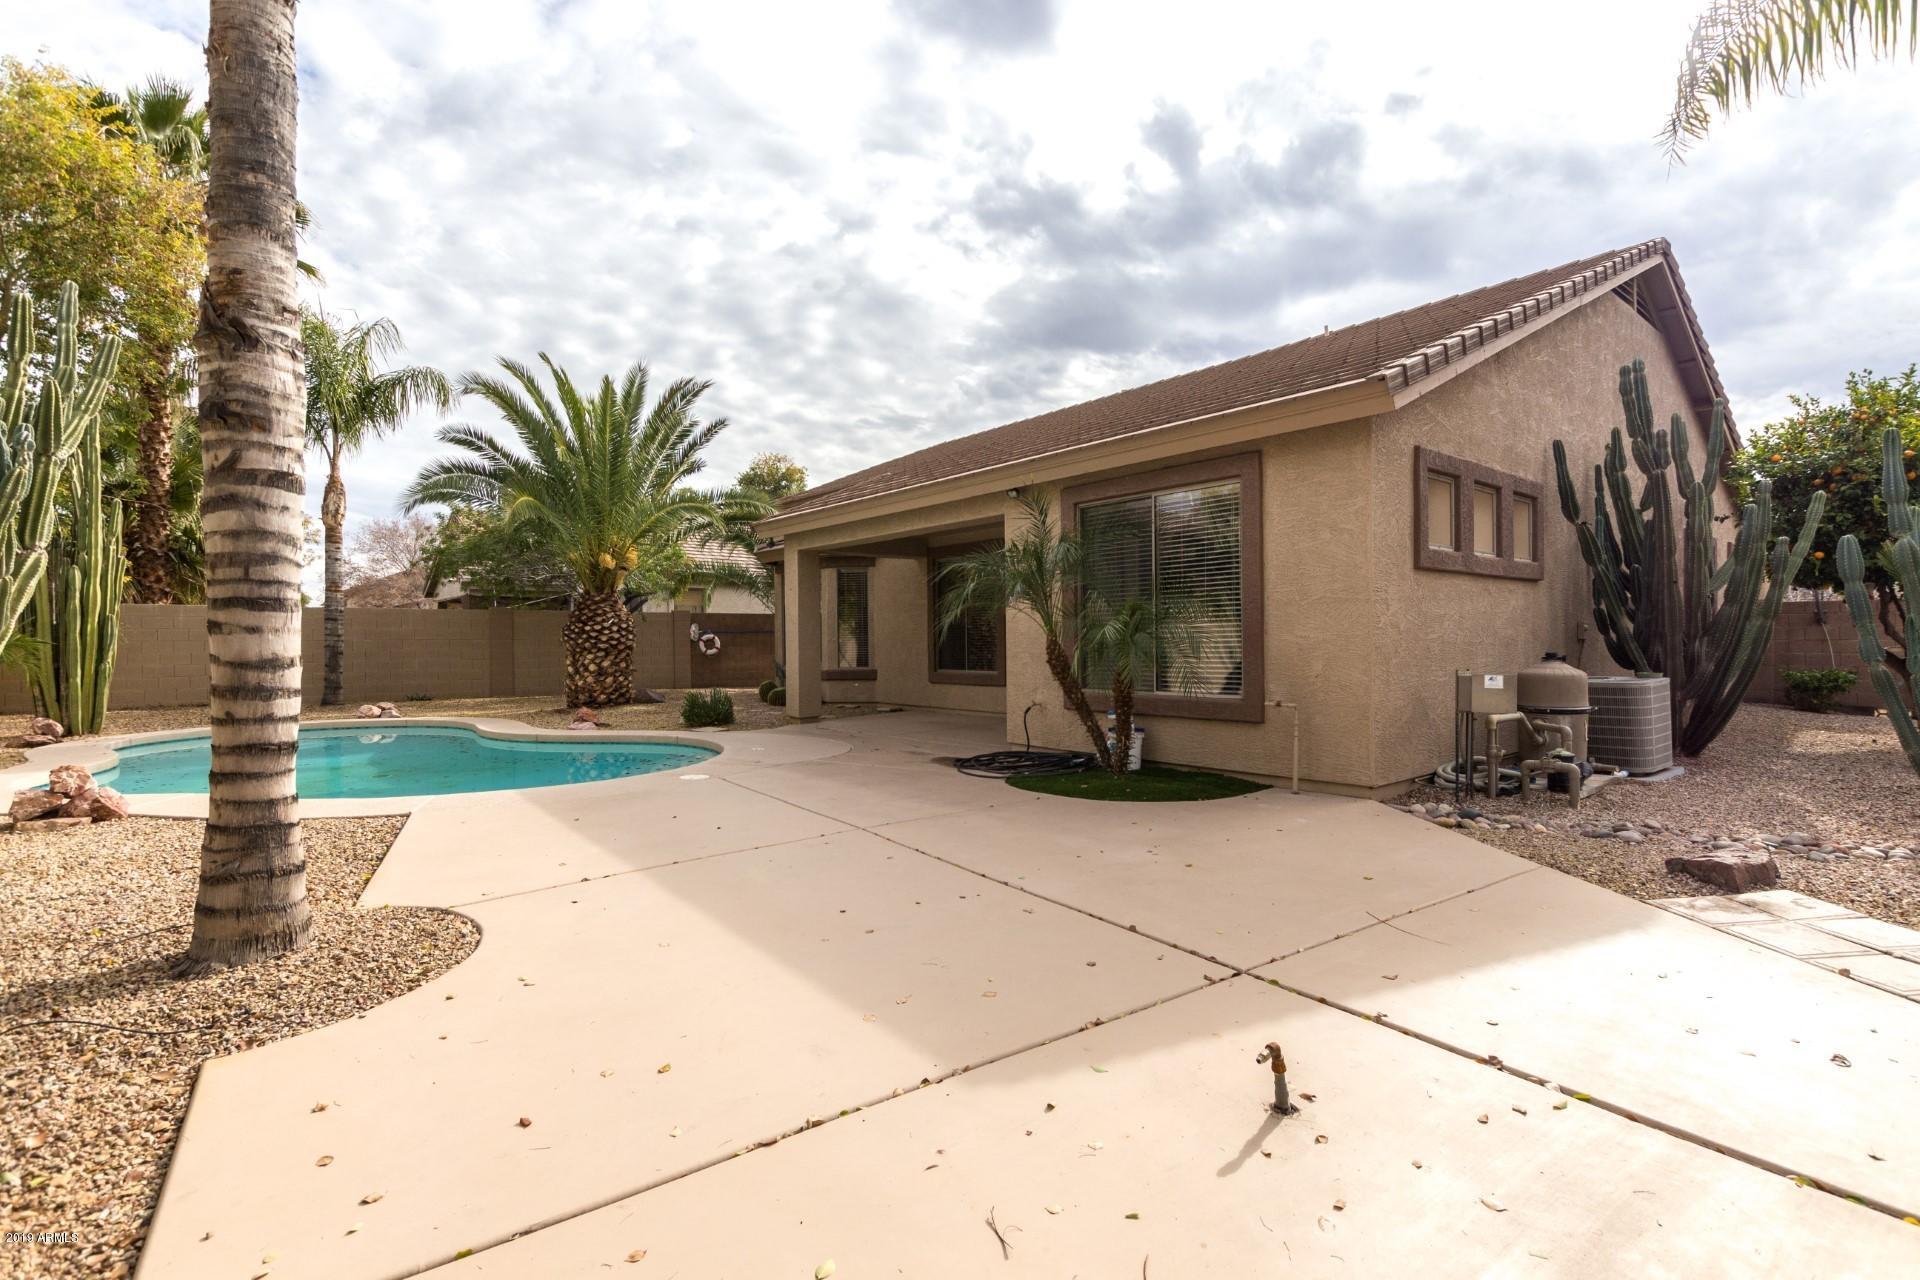 MLS 5866365 4314 E HARRISON Street, Gilbert, AZ 85295 Gilbert AZ Ashland Ranch